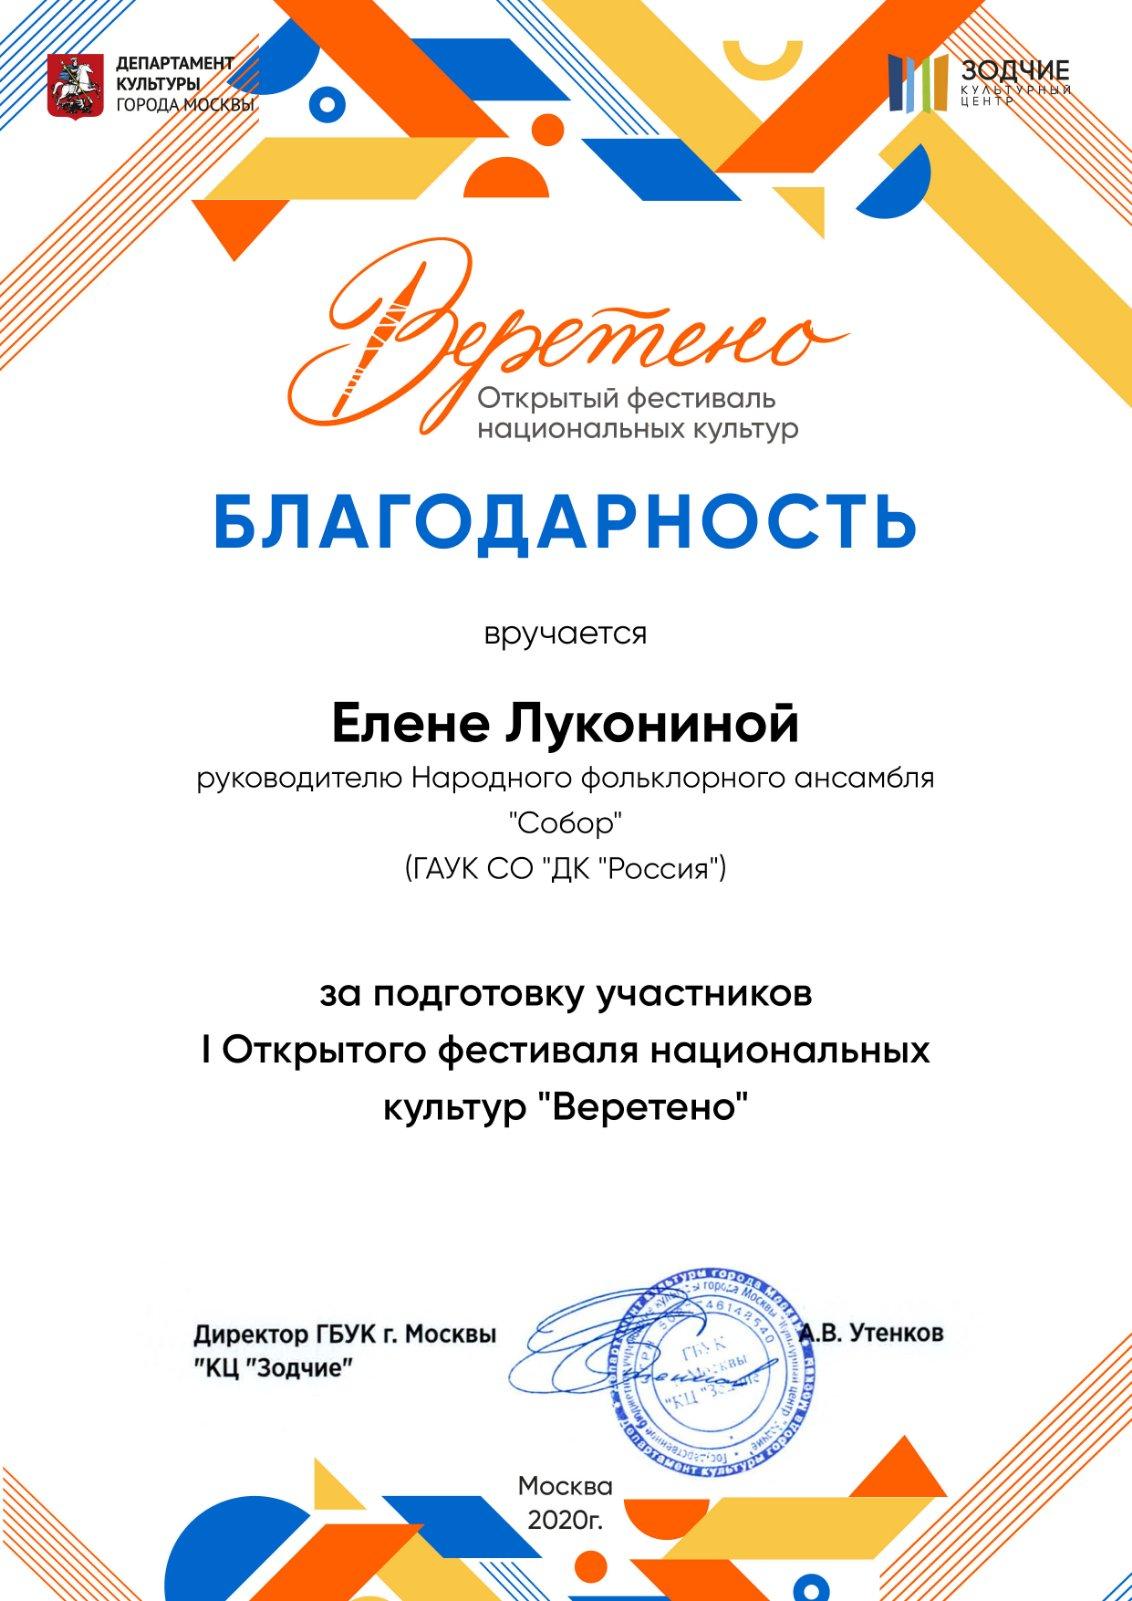 Фольклорно-этнографический ансамбль «Собор» принял участие в фестивале «Веретено»